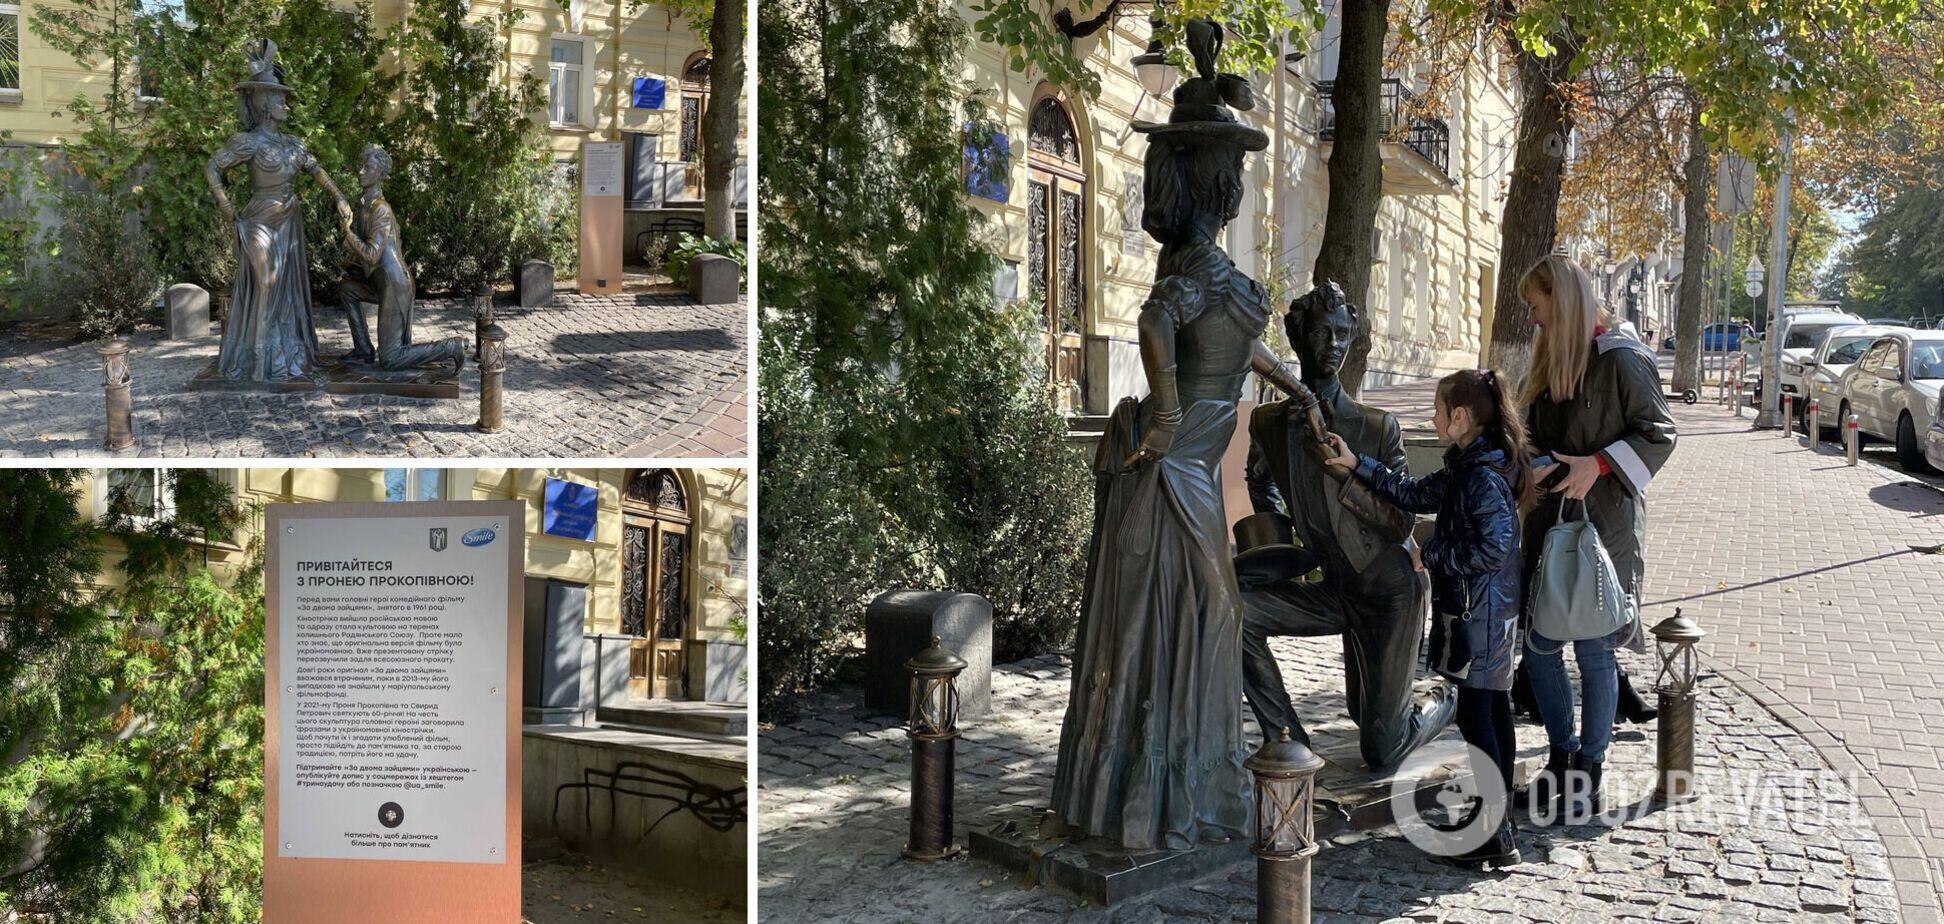 Скульптура буде говорити відомими фразами з фільму до 24 листопада